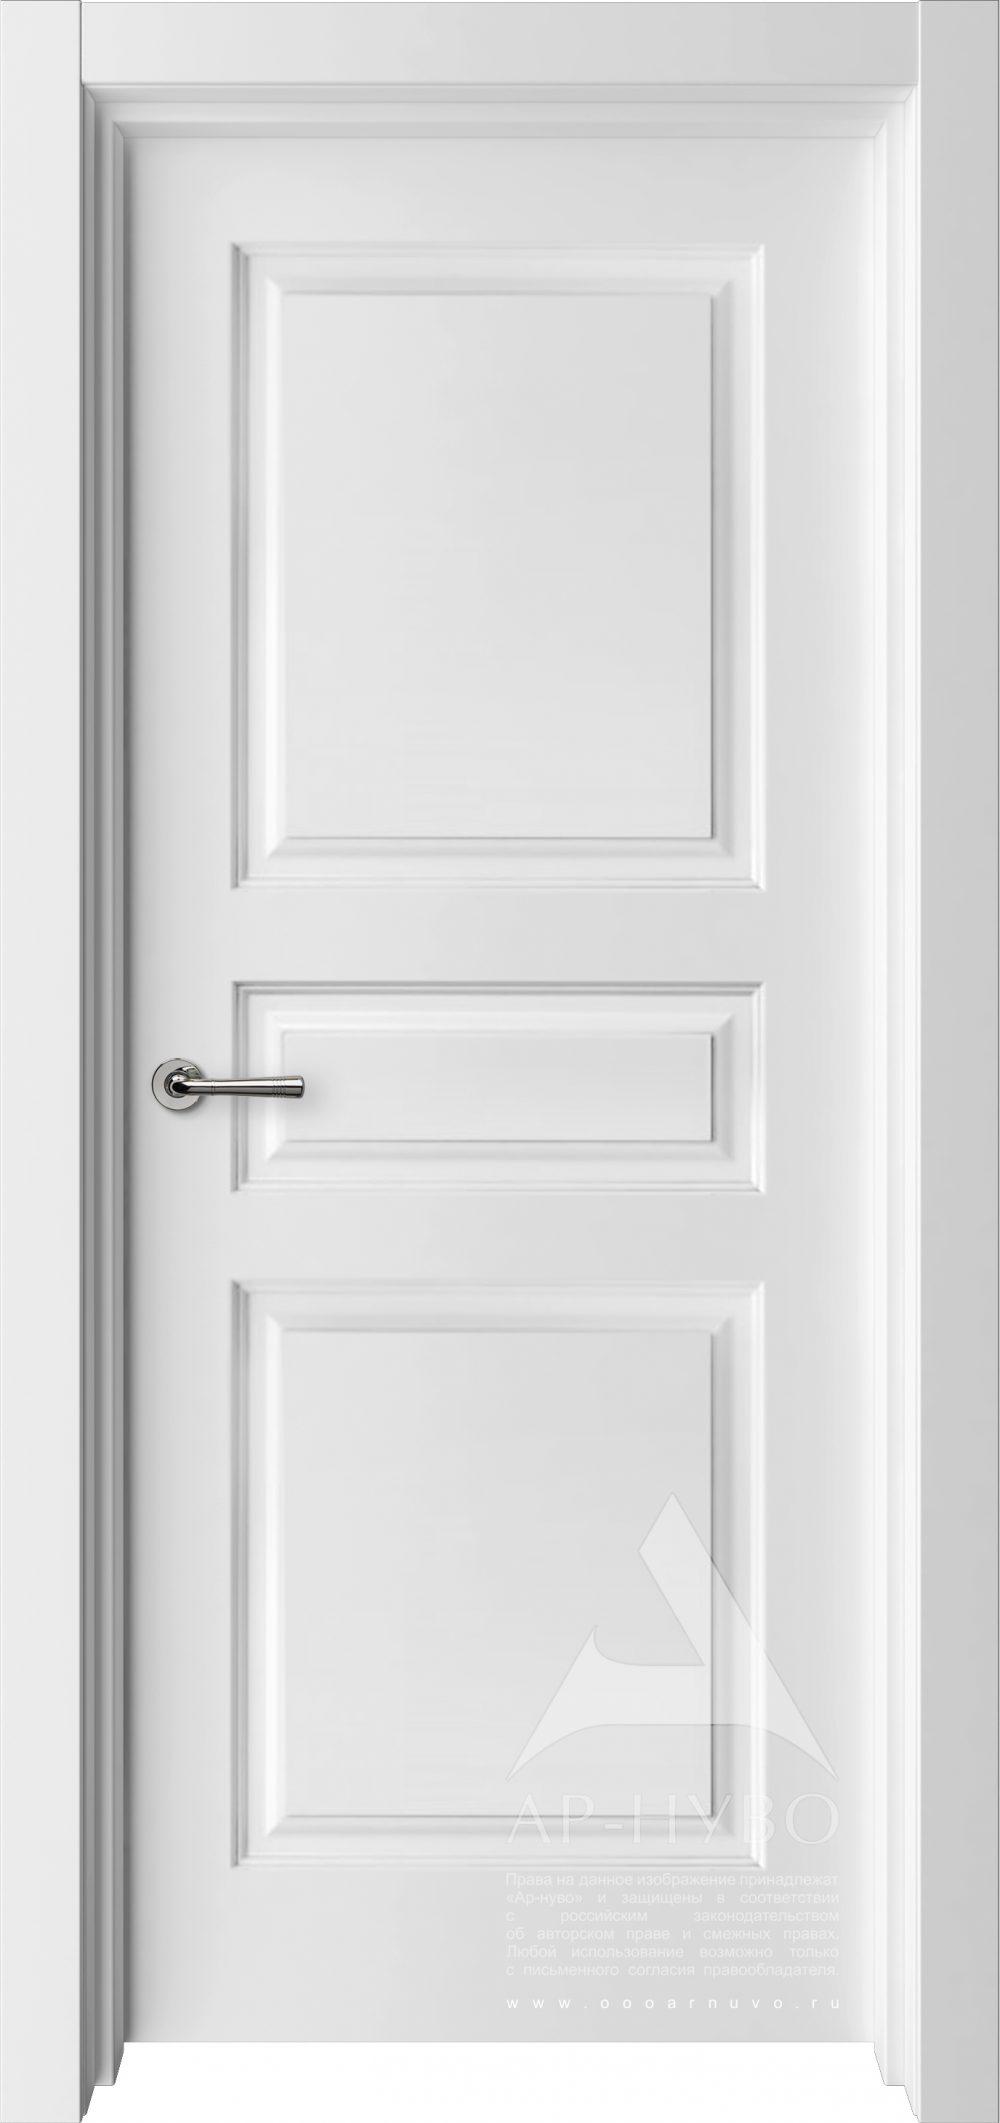 белая межкомнатная дверь Алавус скандинавский стиль